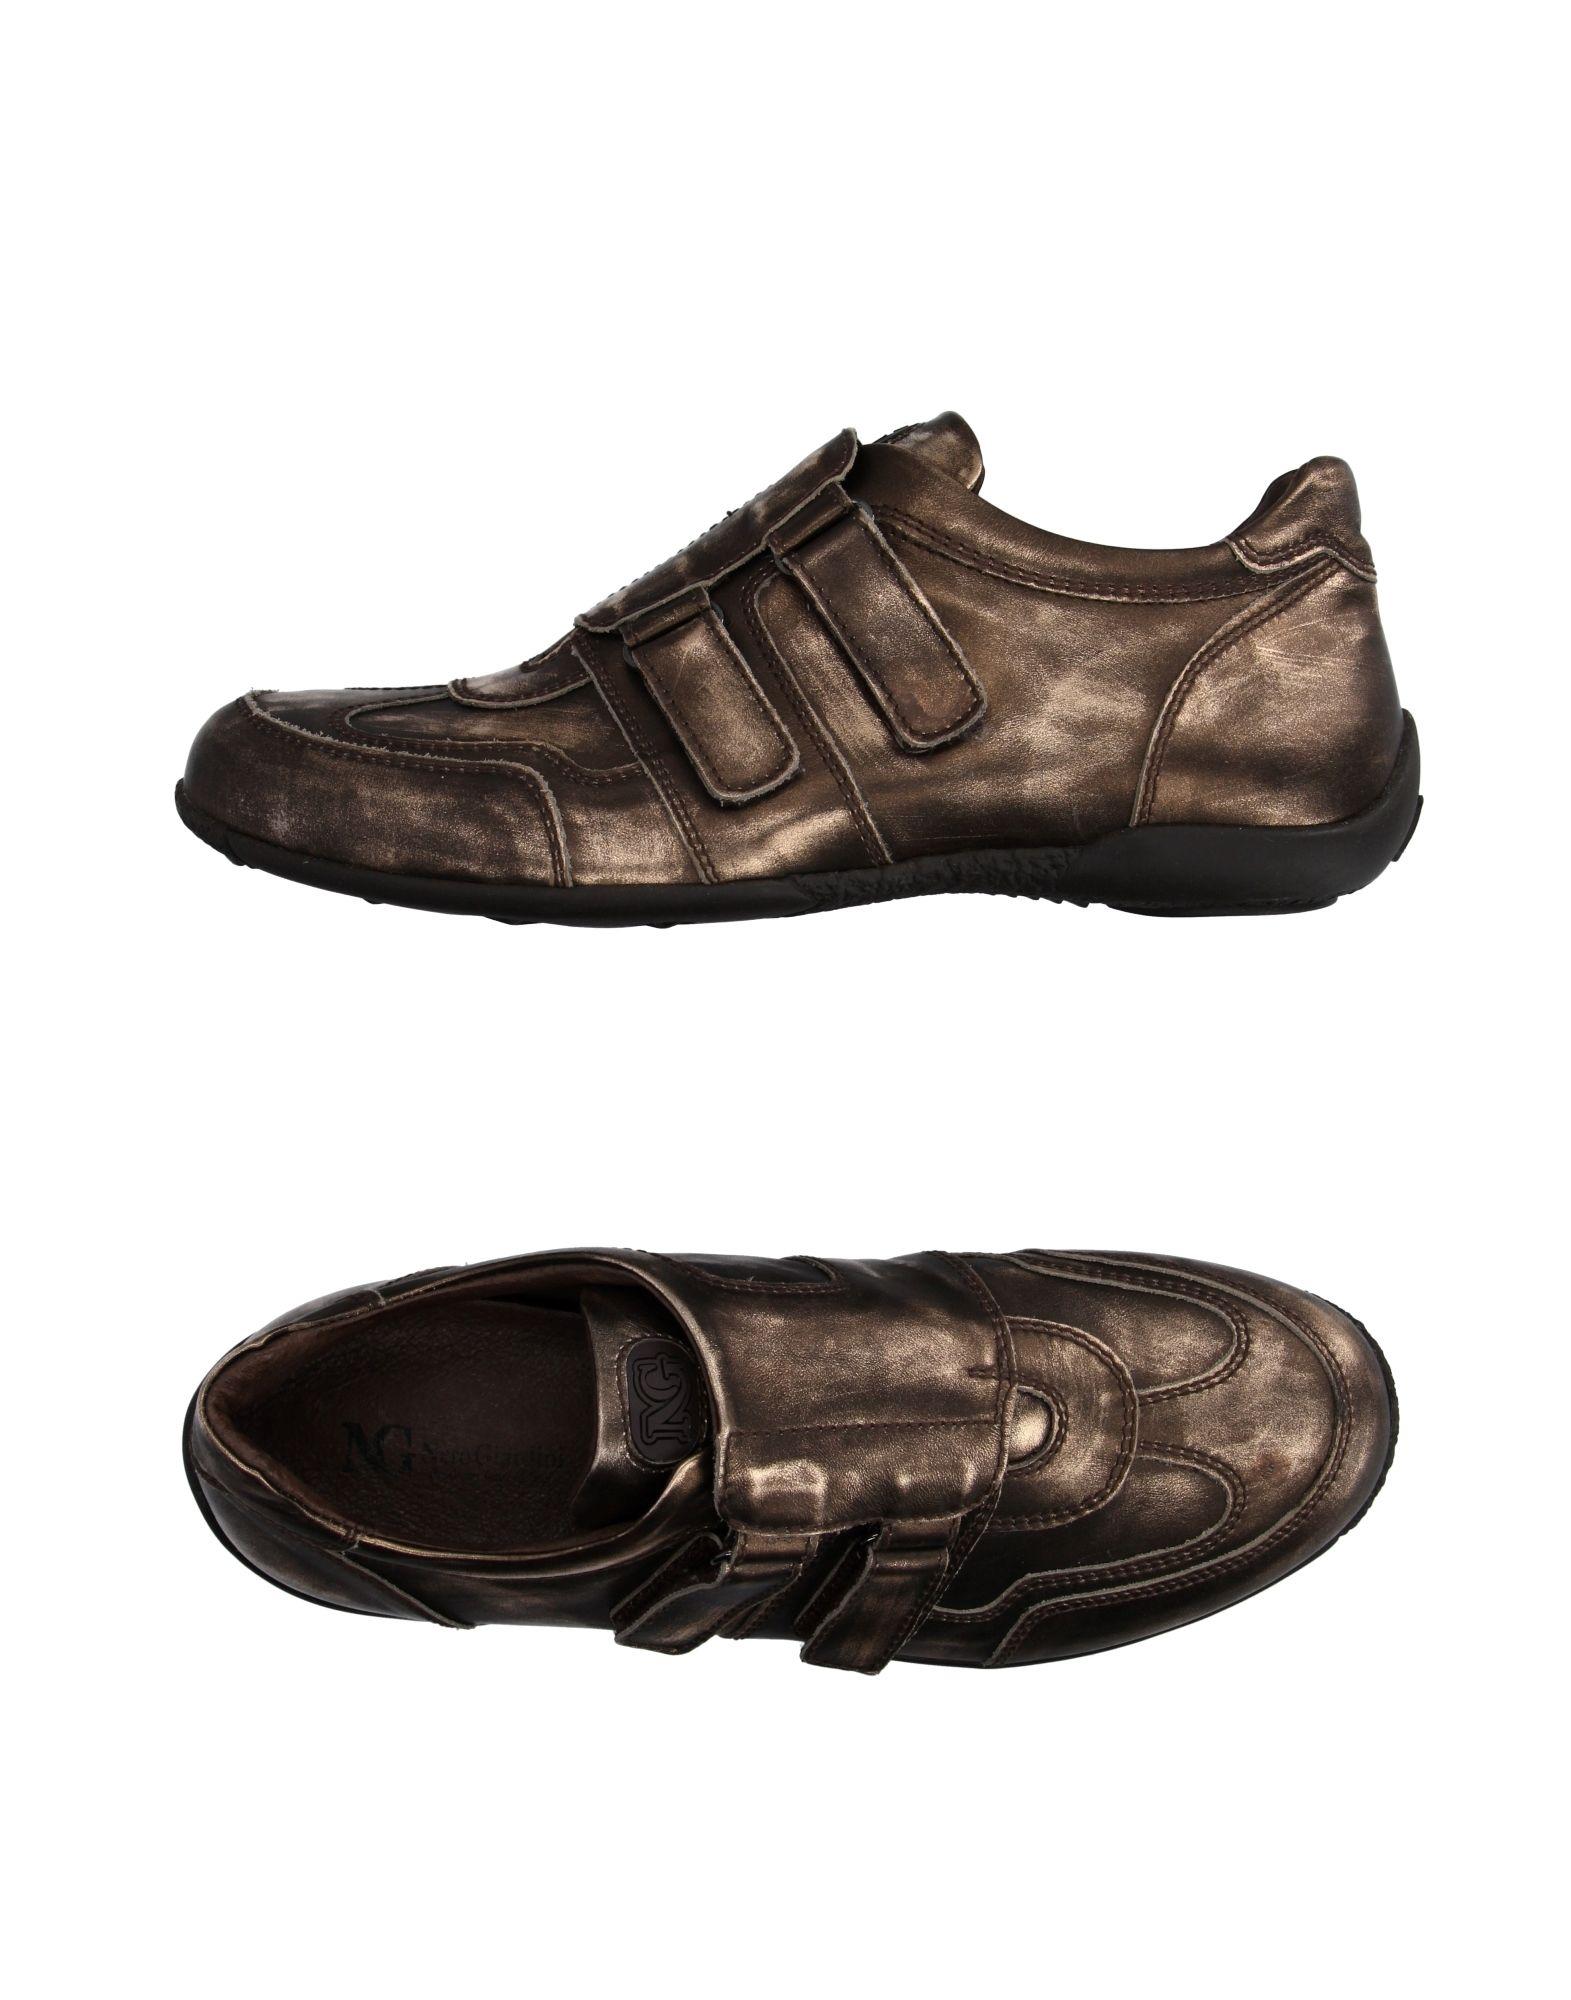 Rabatt echte Sneakers Schuhe Ng Nero Giardini Sneakers echte Herren  11062085MG c98fb1